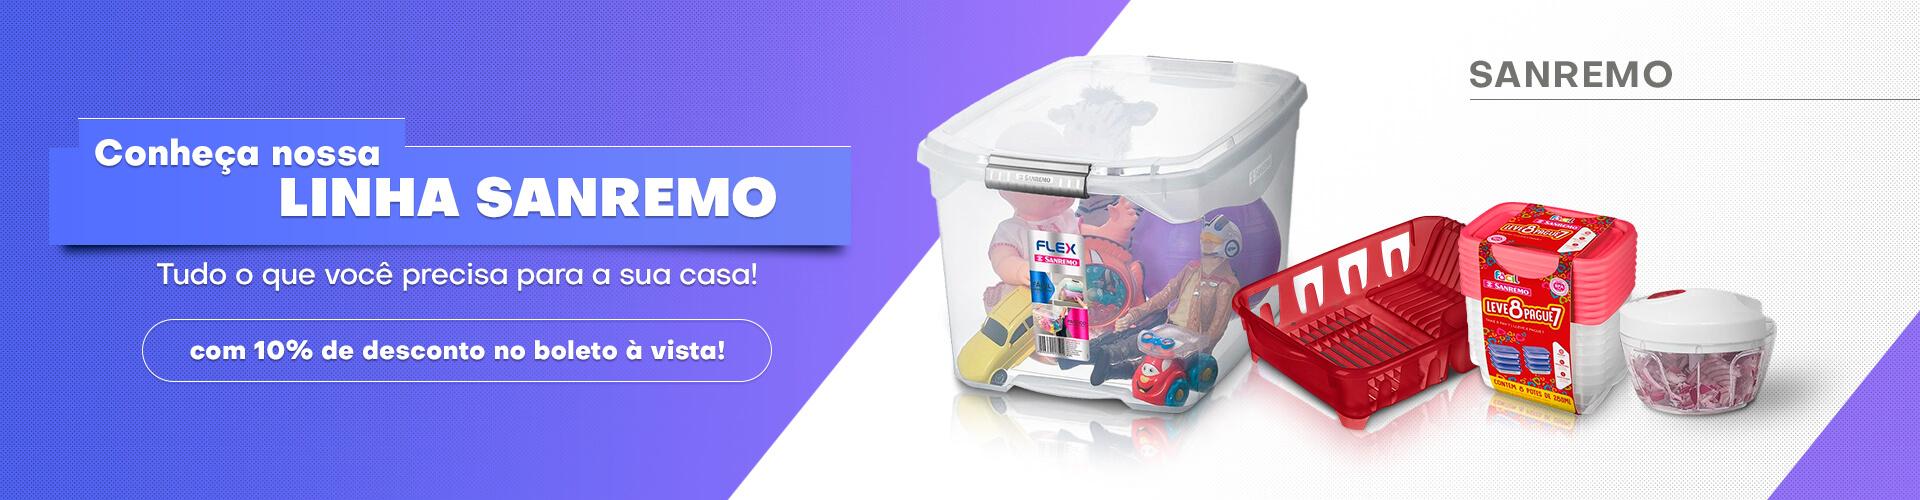 Principal Linha Sanremo 50% de desconto- Desktop